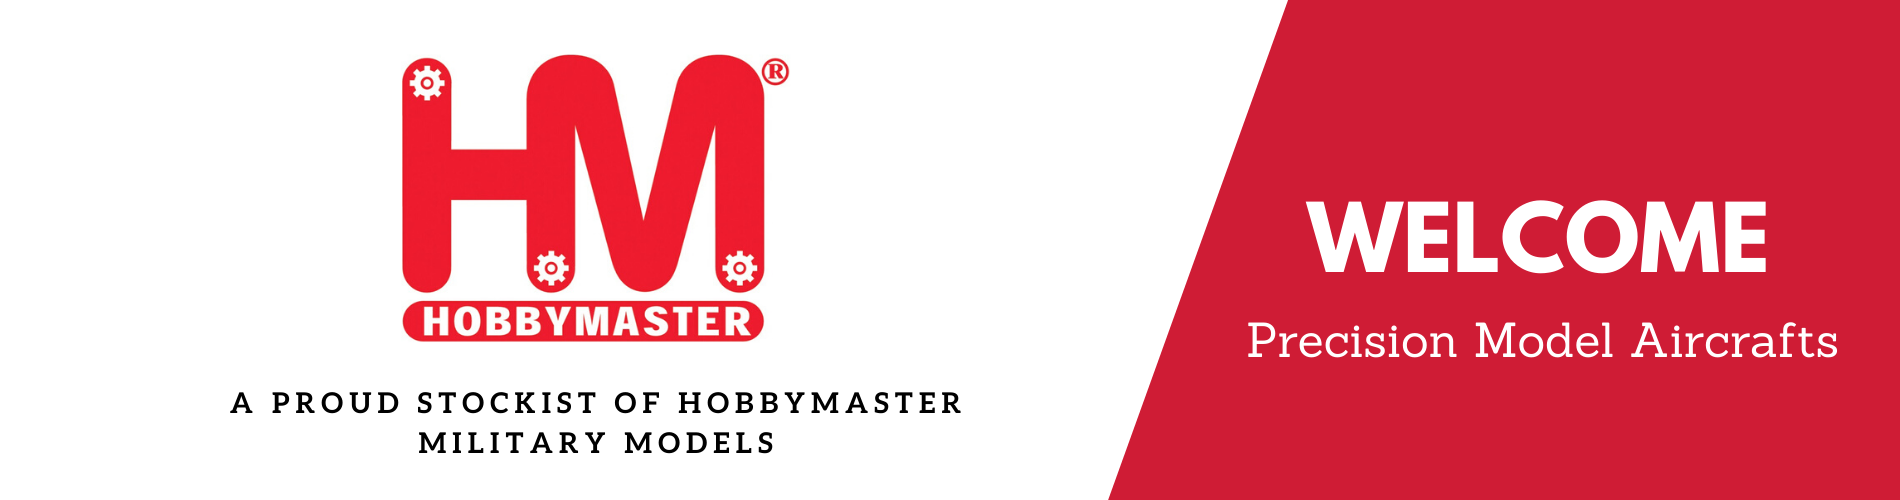 hobbymaster-banner.png